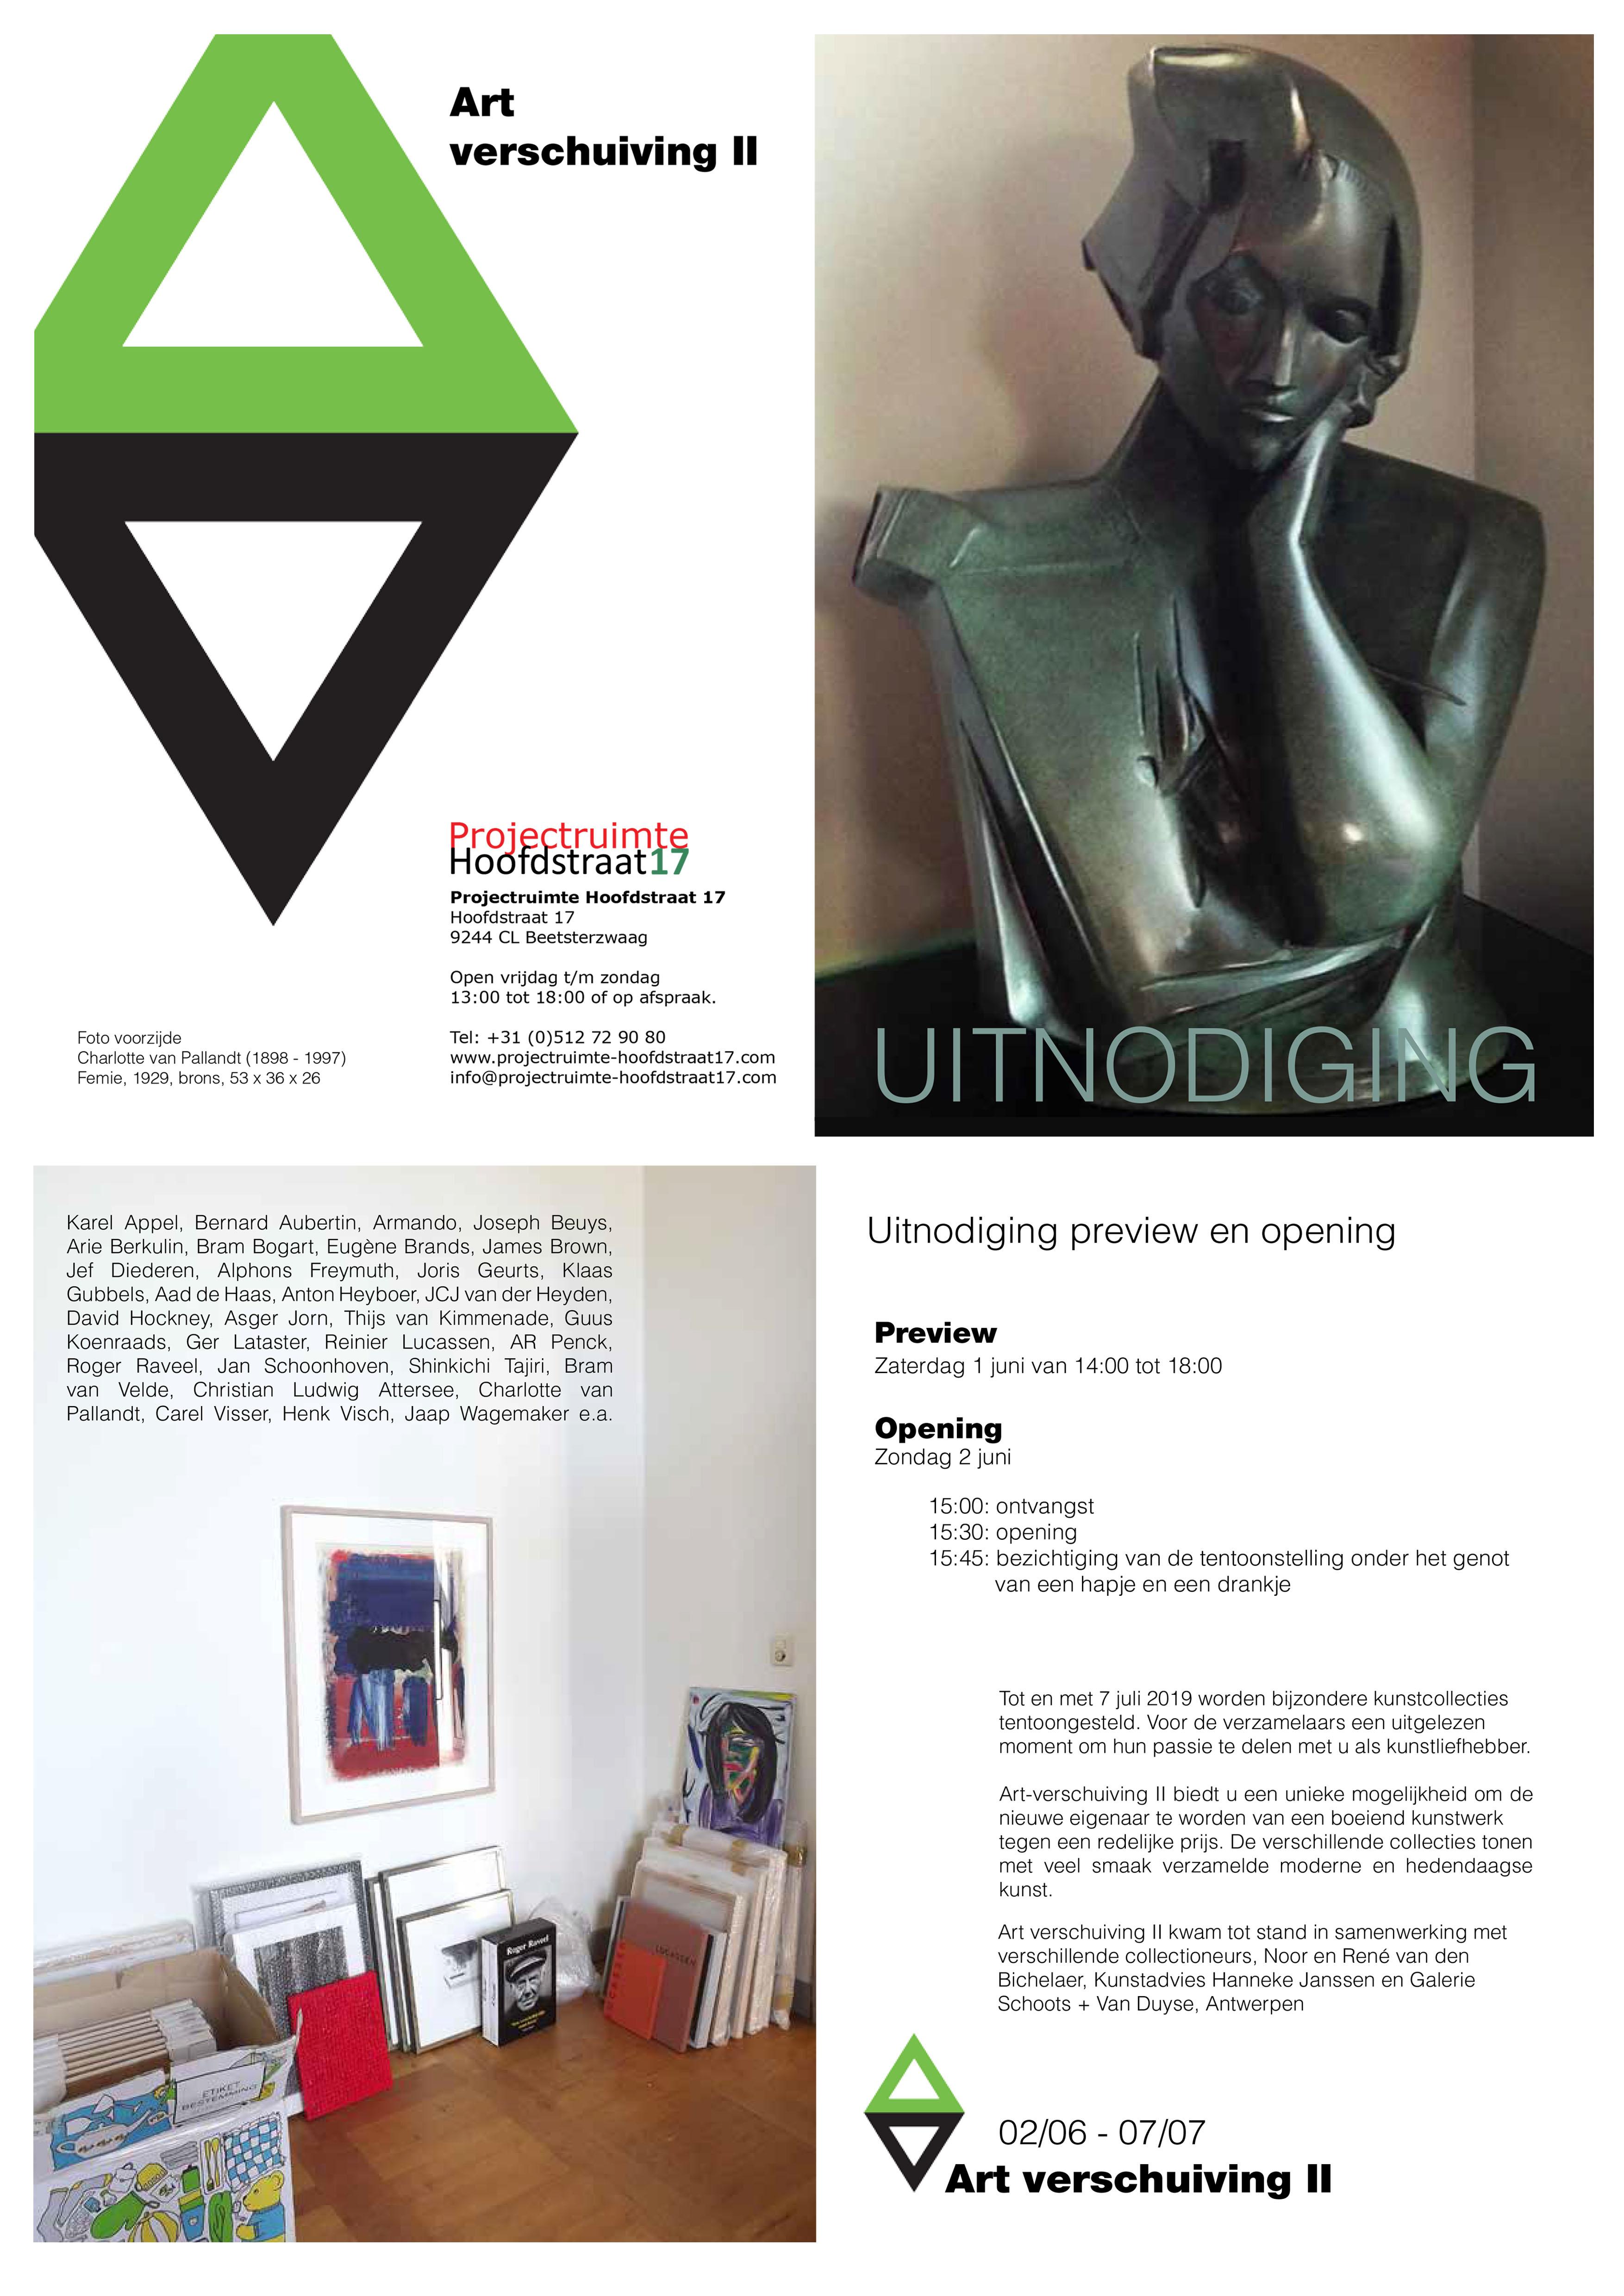 Art verschuiving / Beetsterzwaag - Kunstadvies Hanneke Janssen